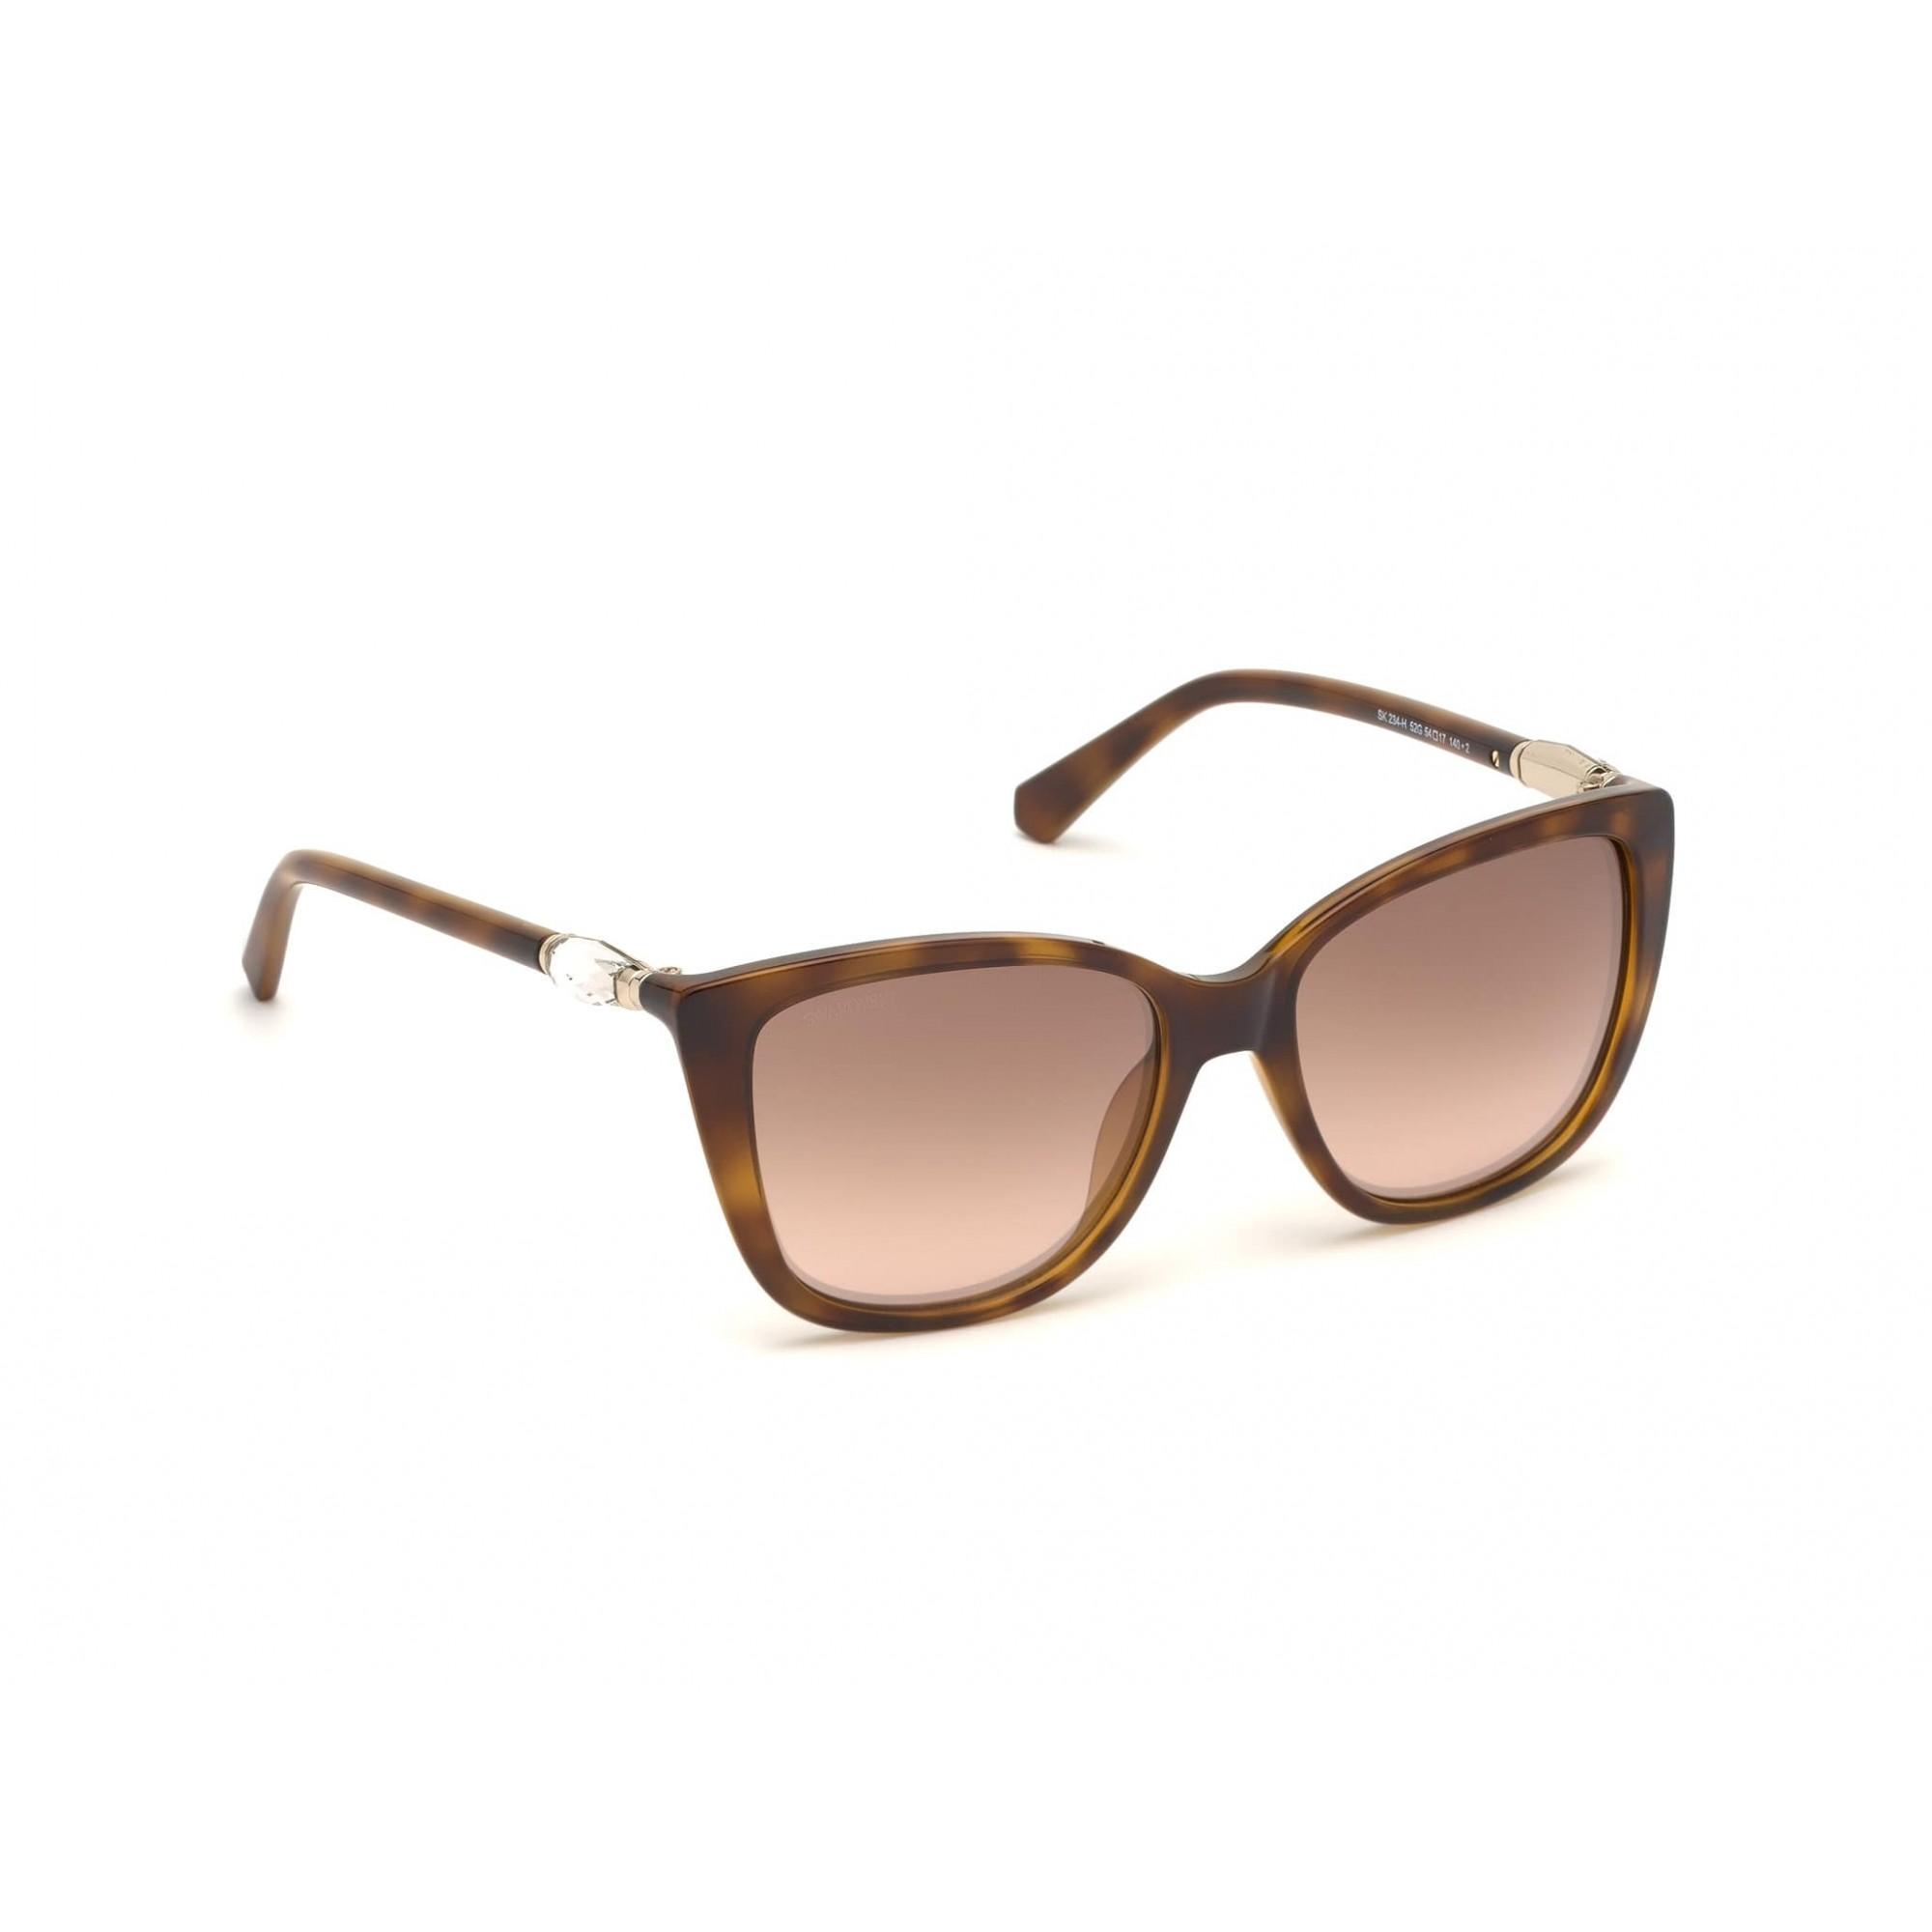 Swarovski - SK0234-H 52G 54 - Óculos de sol